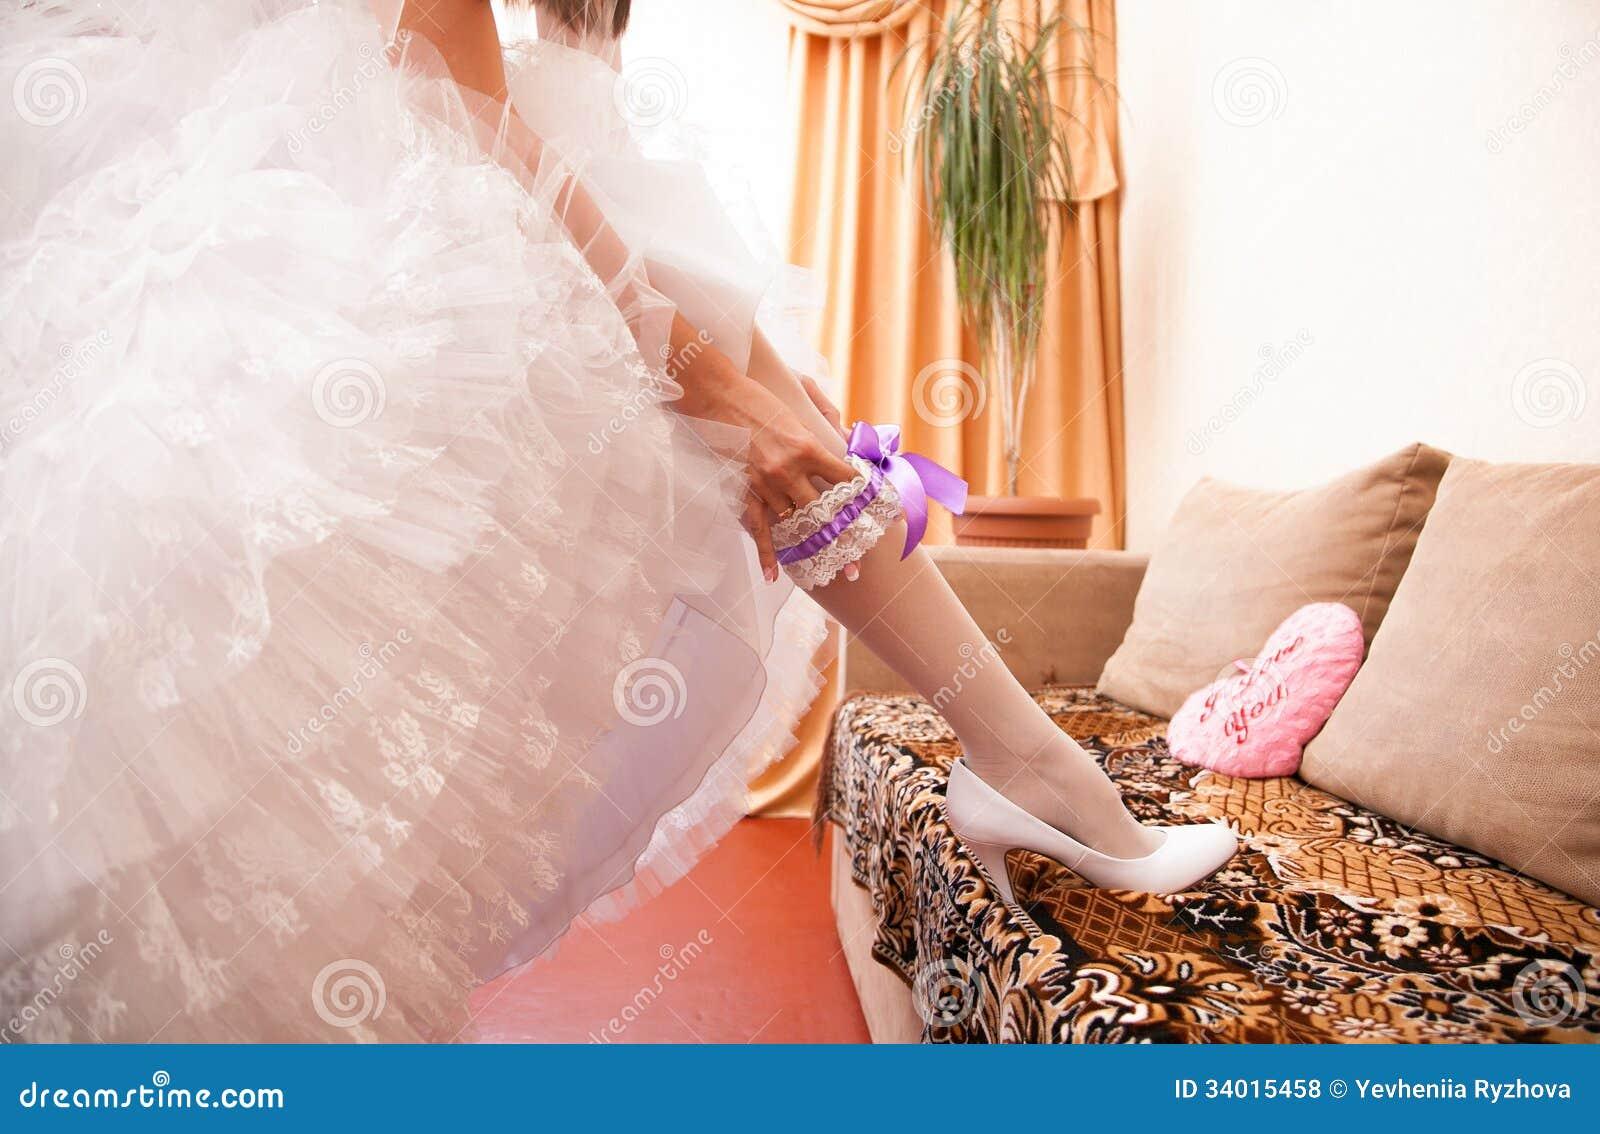 Bride Pantyhose 3